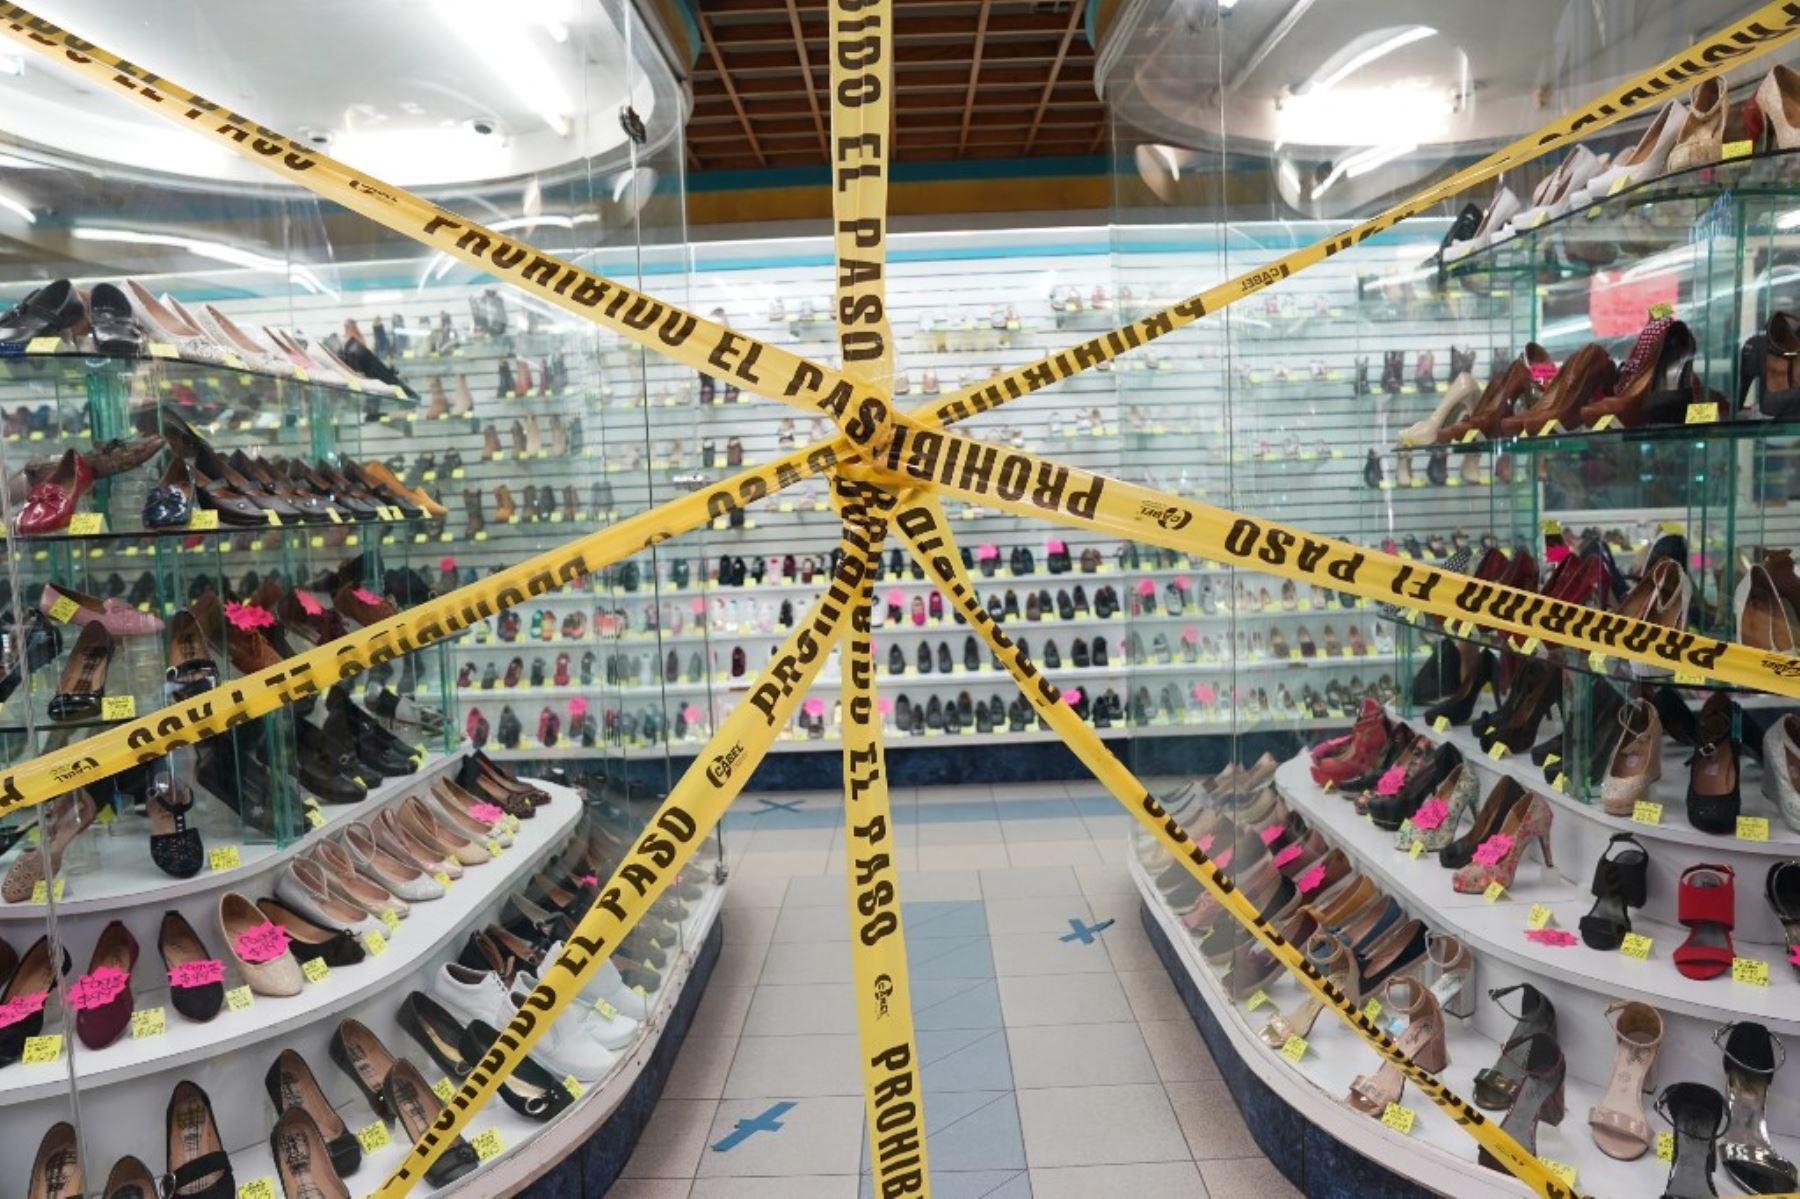 La cinta de precaución prohíbe la entrada a una zapatería durante la pandemia covid-19 en Ciudad Juárez, México. Foto: AFP